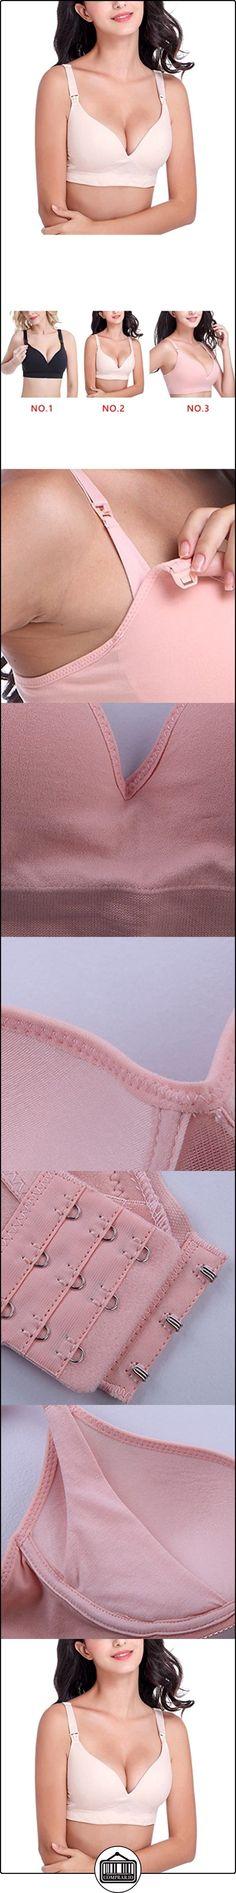 LUFA Un sujetador de la ropa interior de las mujeres de la viruta embarazada sin las llantas Abra el sujetador de pecho abotonado del estilo  ✿ Seguridad para tu bebé - (Protege a tus hijos) ✿ ▬► Ver oferta: http://comprar.io/goto/B06XB7V5SY